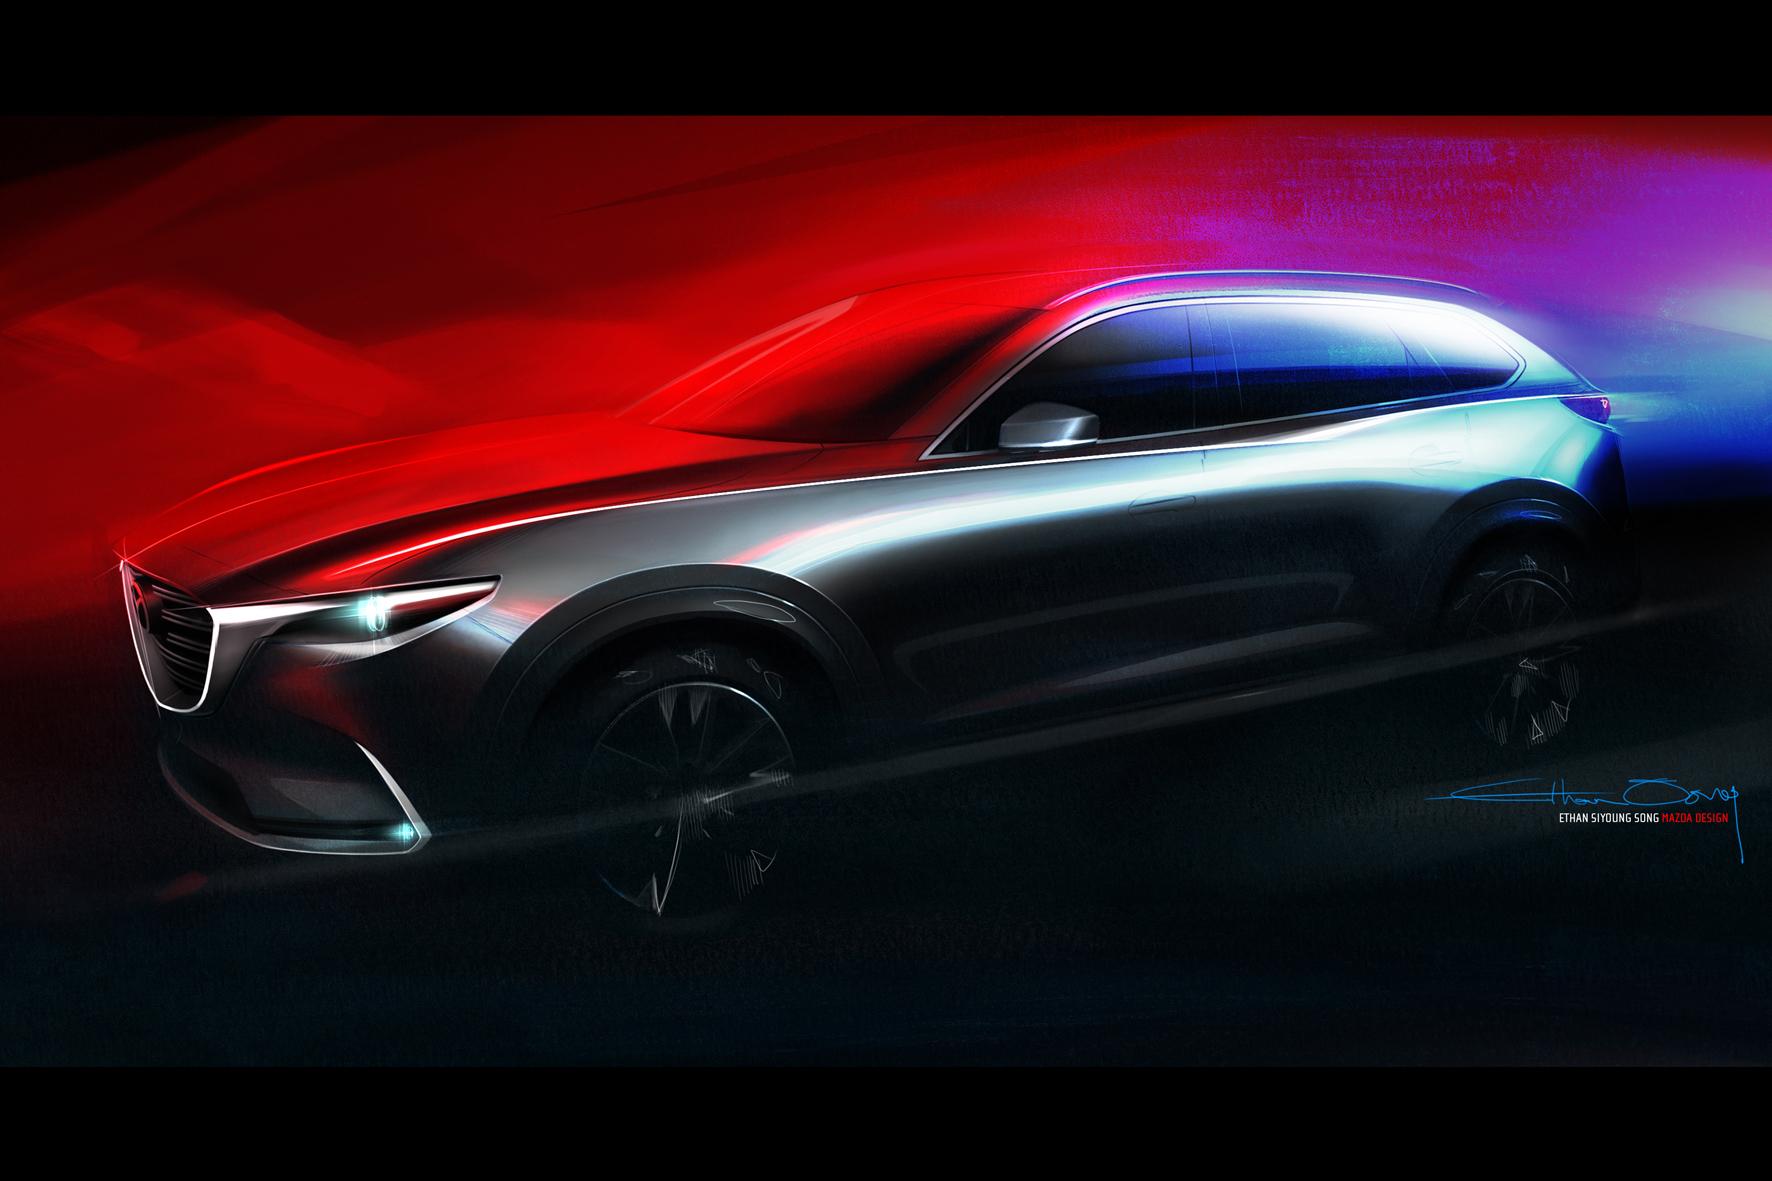 mid Düsseldorf - Kodo-Design im XL-Format: Der Mazda CX-9 erhält in der neuen Modellgeneration das Familien-Gesicht der Marke, wie die jetzt veröffentlichte Skizze zeigt.